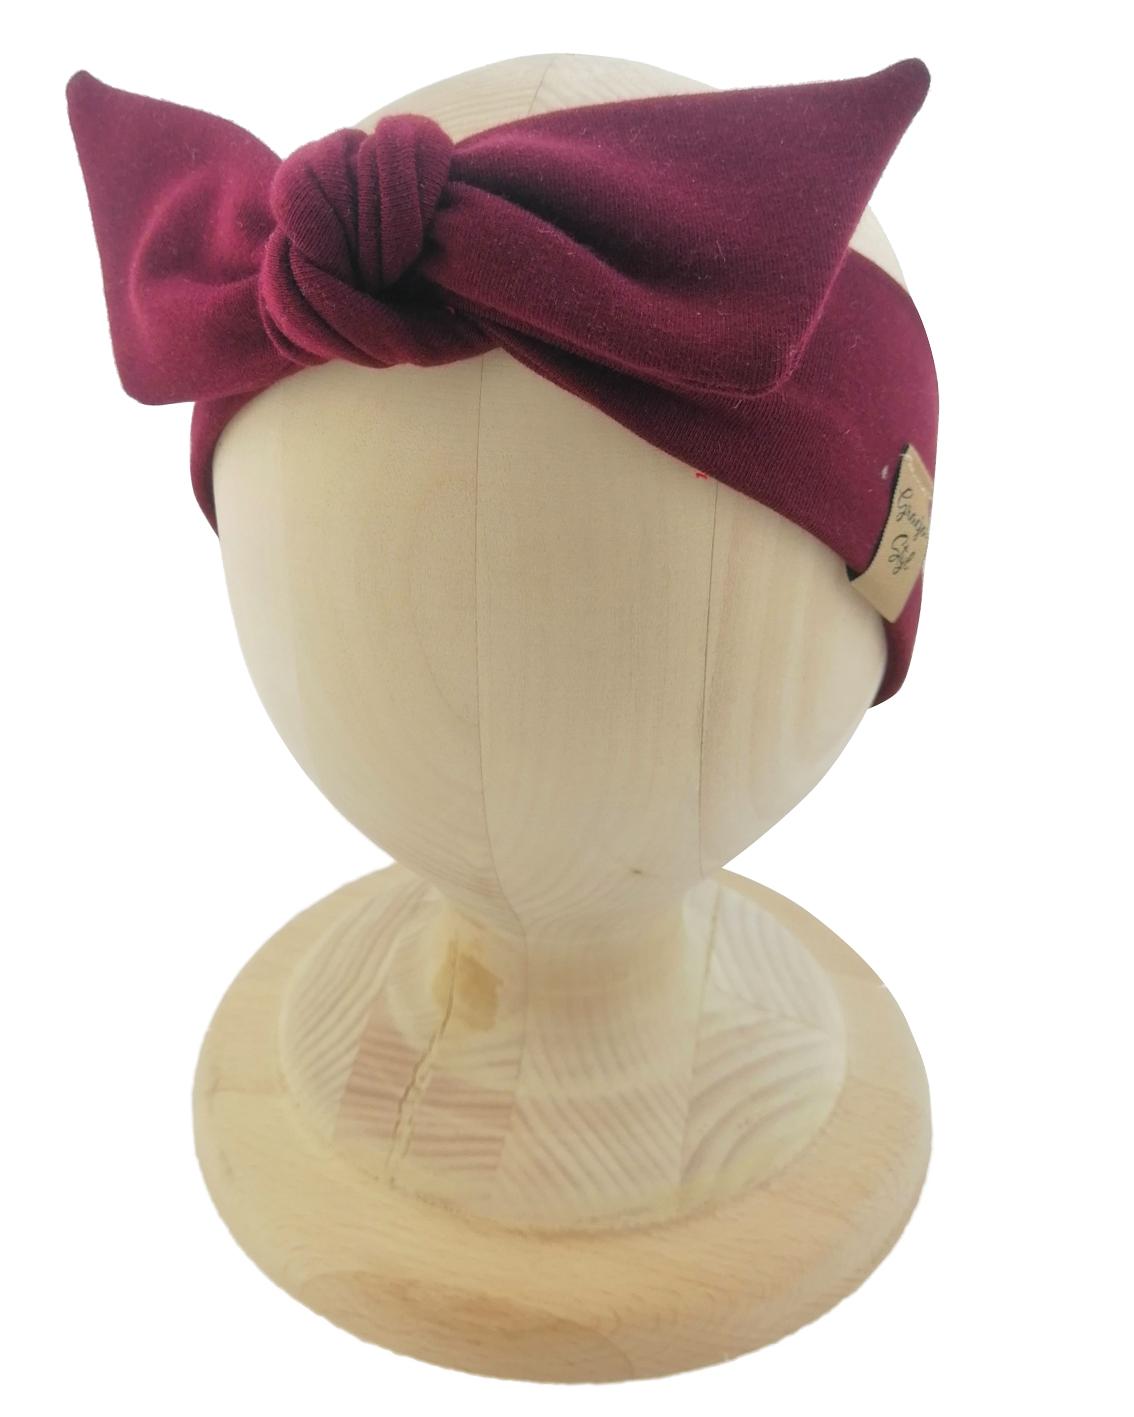 Opaska kobieca typu Pin-up marki Gracja Styl. Uszyta z bawełny petelkowej typu dresówka. Kolor bordowy.